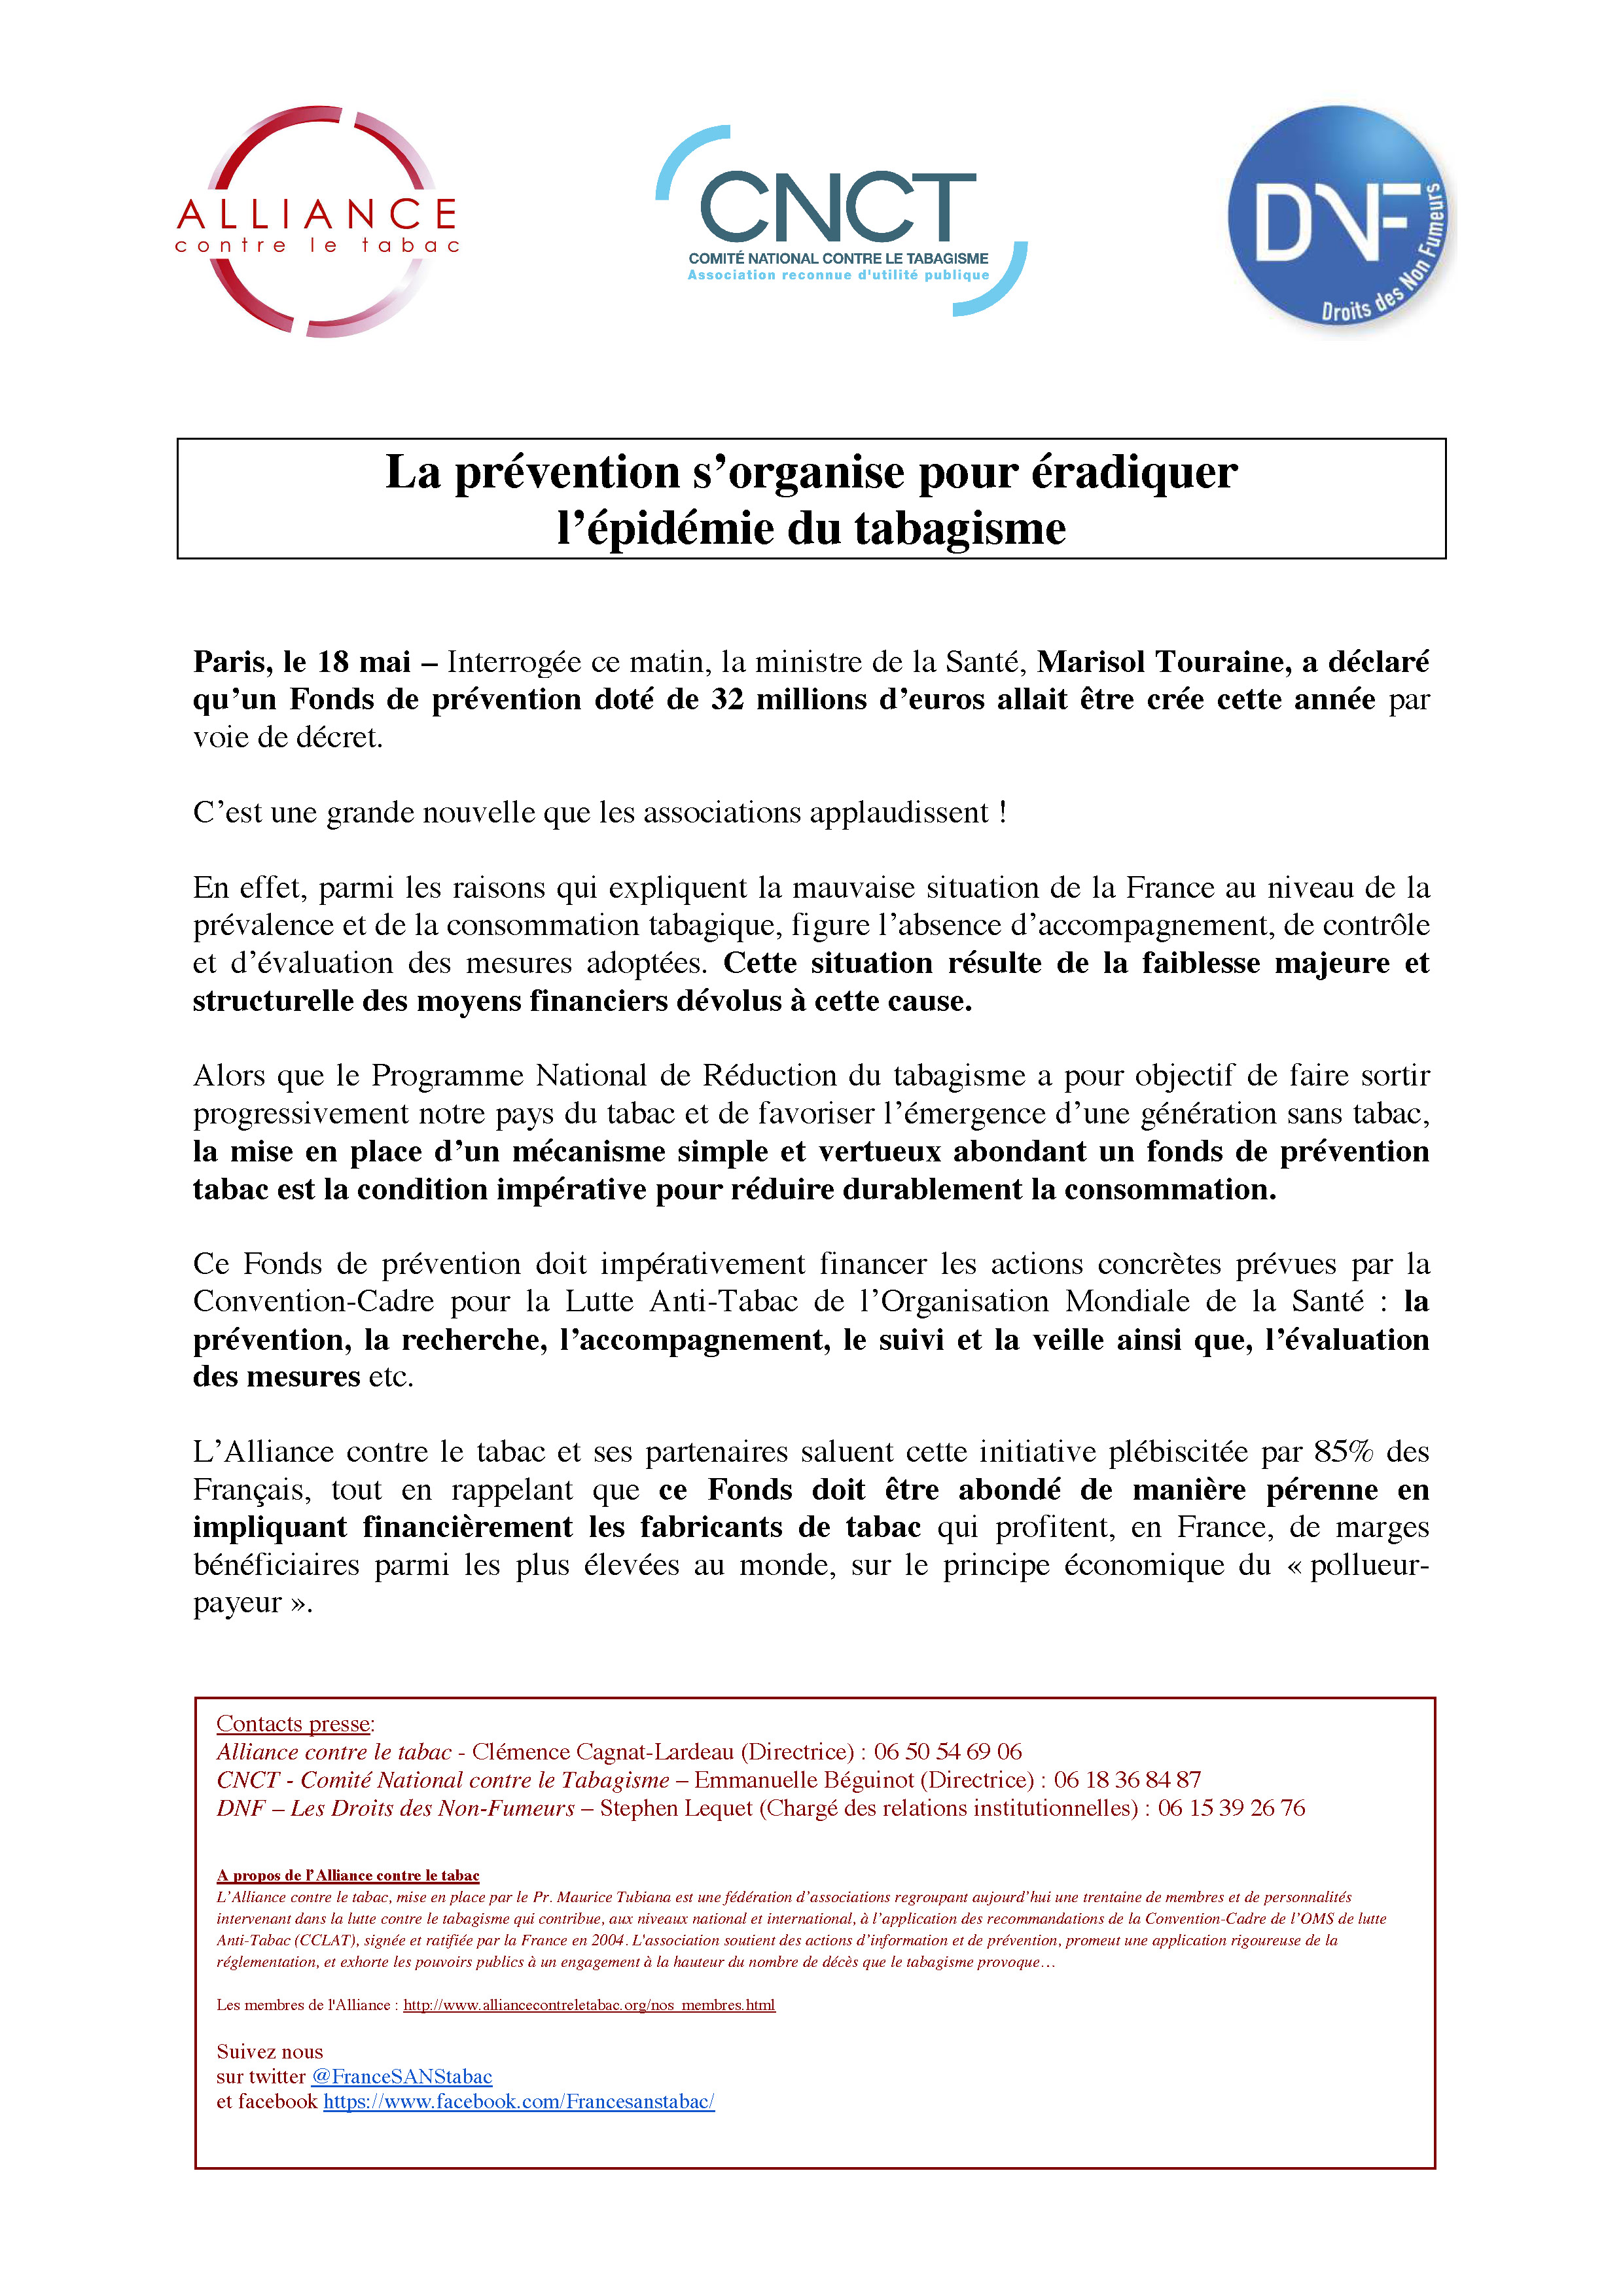 Alliance-CP_La-prevention-s-organise-pour-eradiquer-l-epidemie-du-tabagisme-18mai2016.jpg